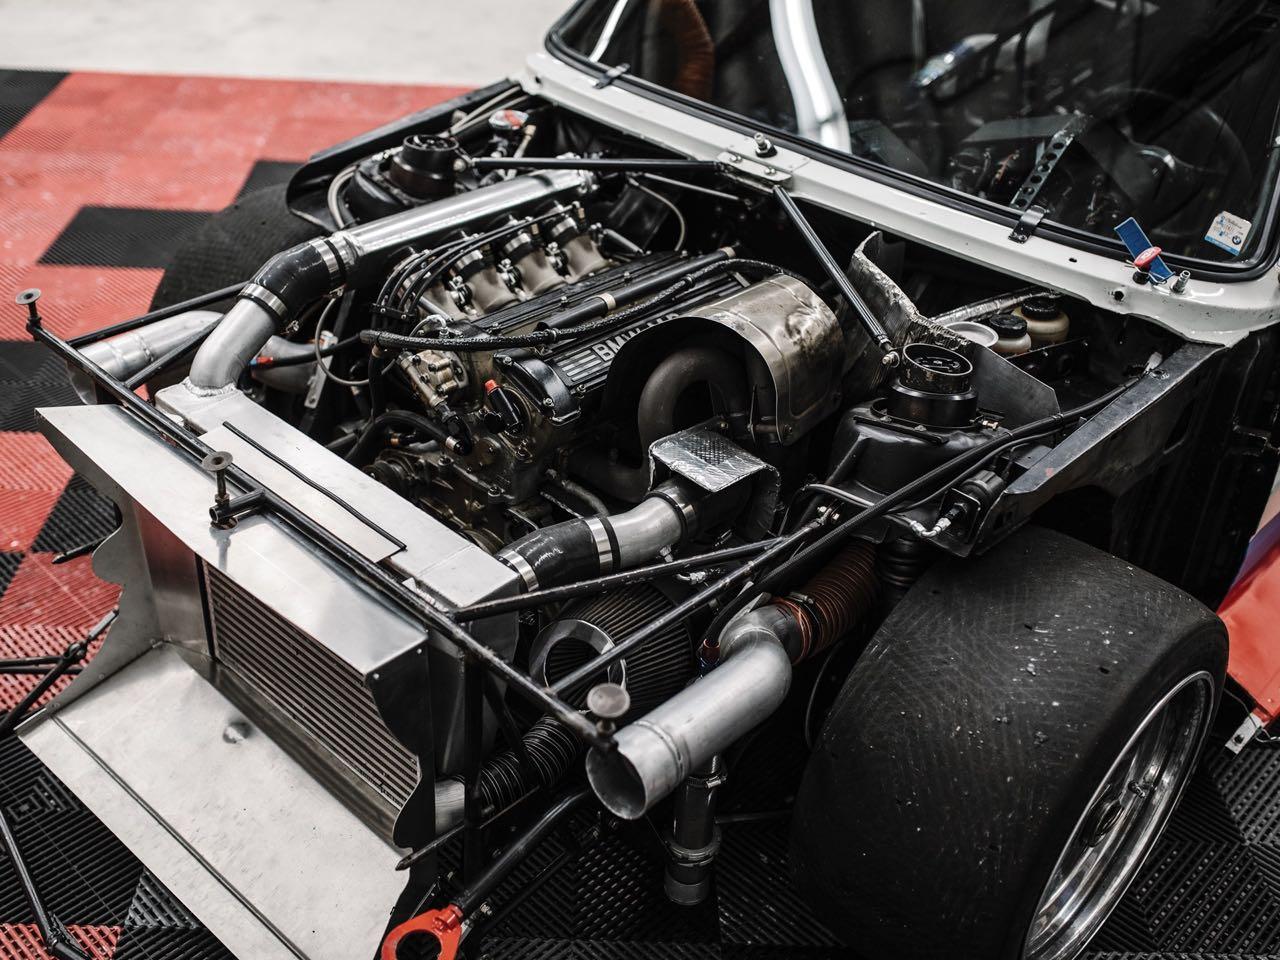 BMW 320i Turbo Gr 5 1978 - E21 en armure de guerre ! 2